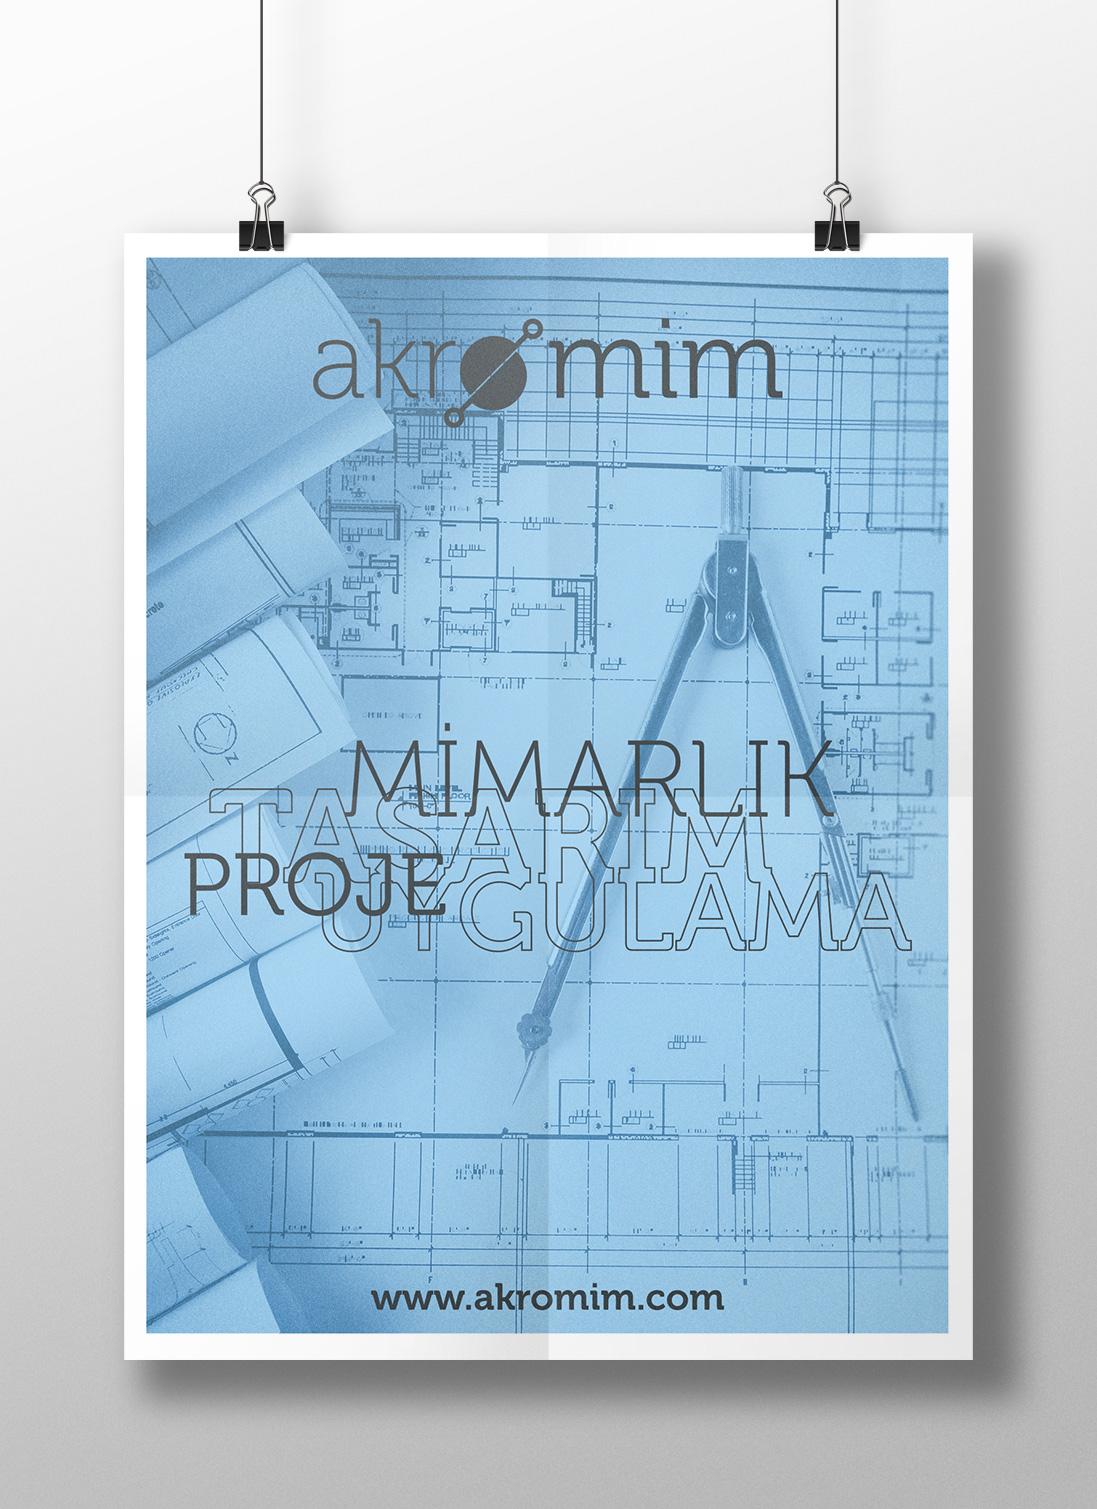 Akromim Mimarlık Poster Tasarımı